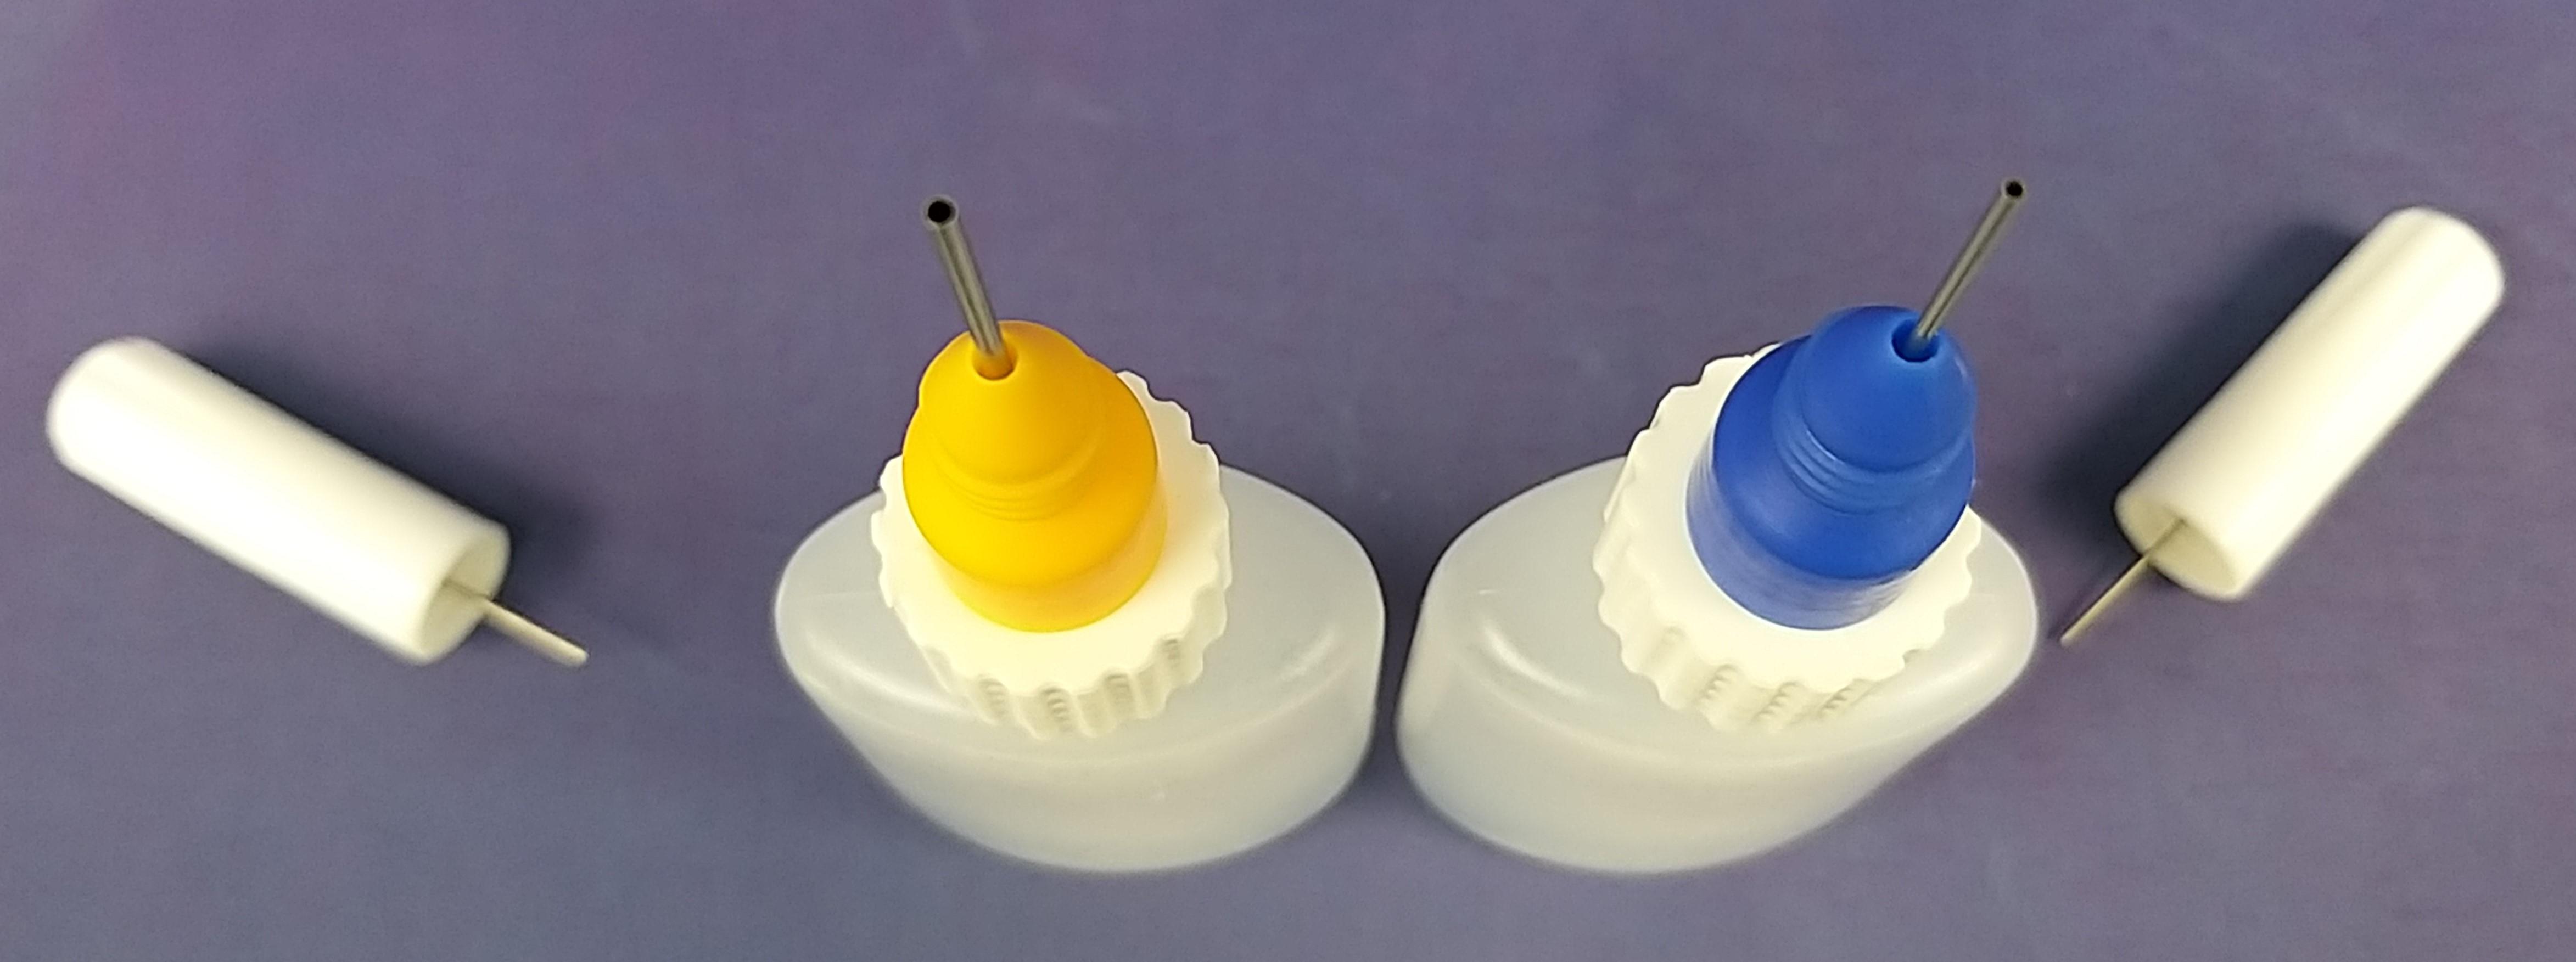 Writer pens (Type 2 - no pin)